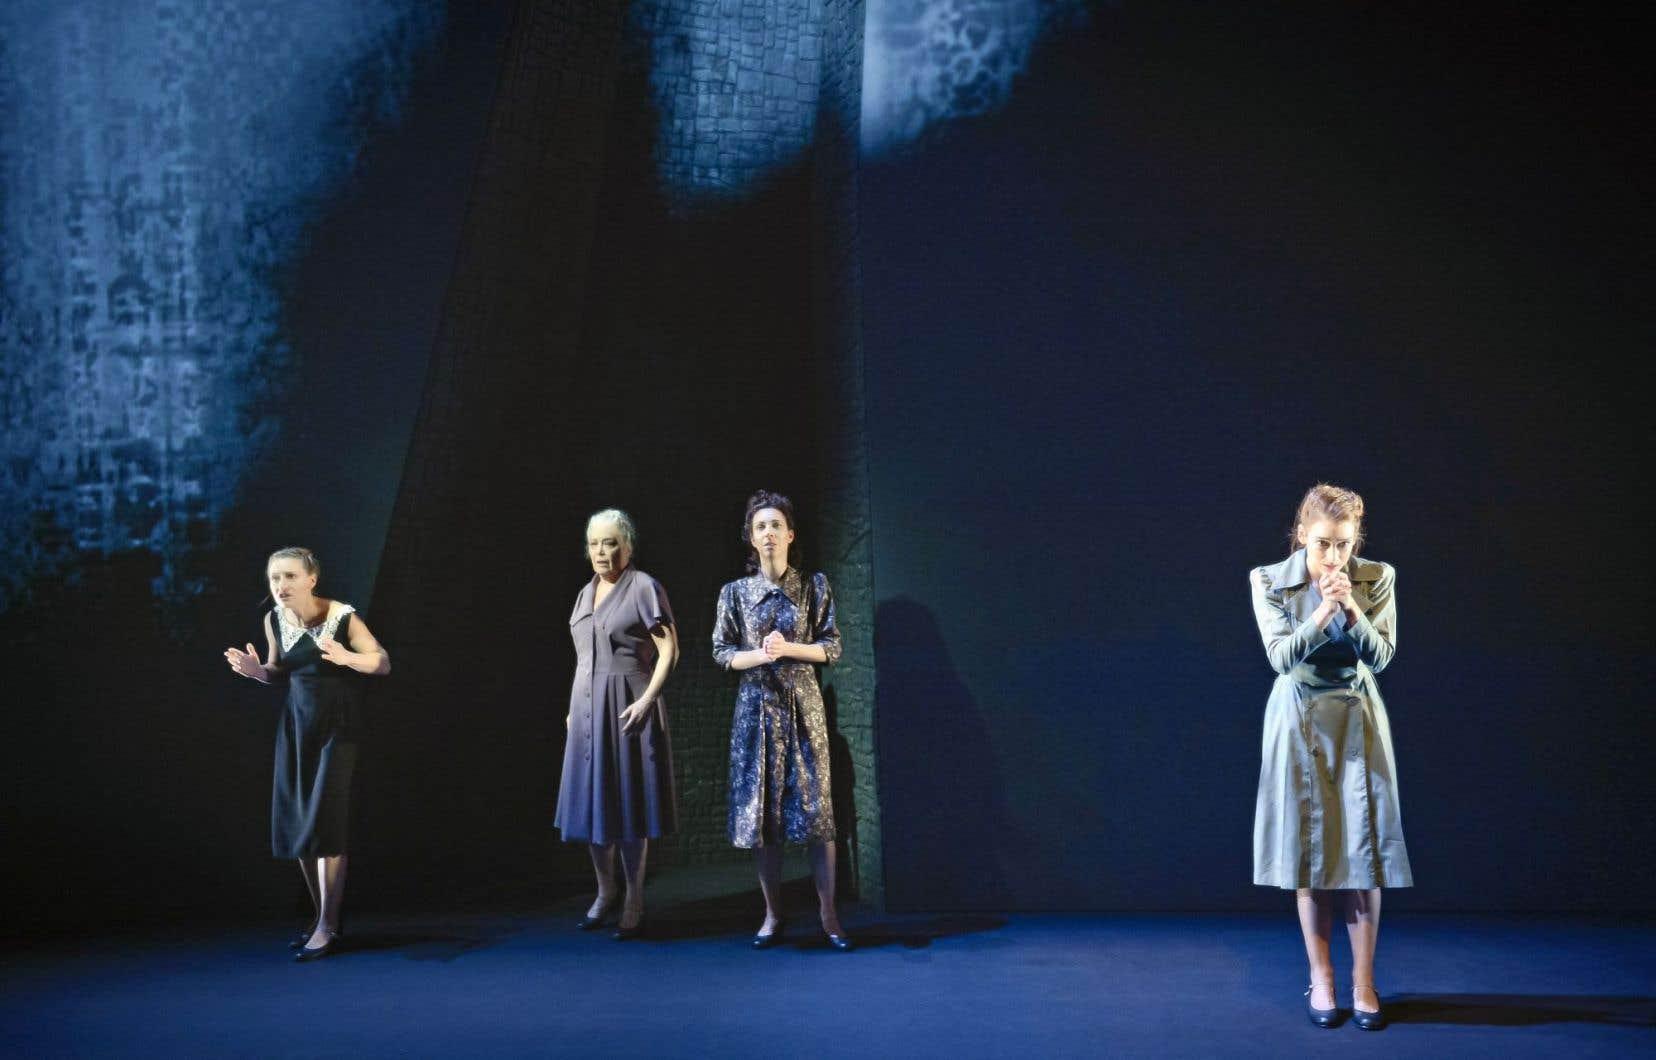 Sur scène, quatre femmes qui n'en font qu'une. Cela traduit la dimension collective de la tragédie et la diversité des histoires d'«Une femme à Berlin», mais aussi la solidarité des femmes entre elles.